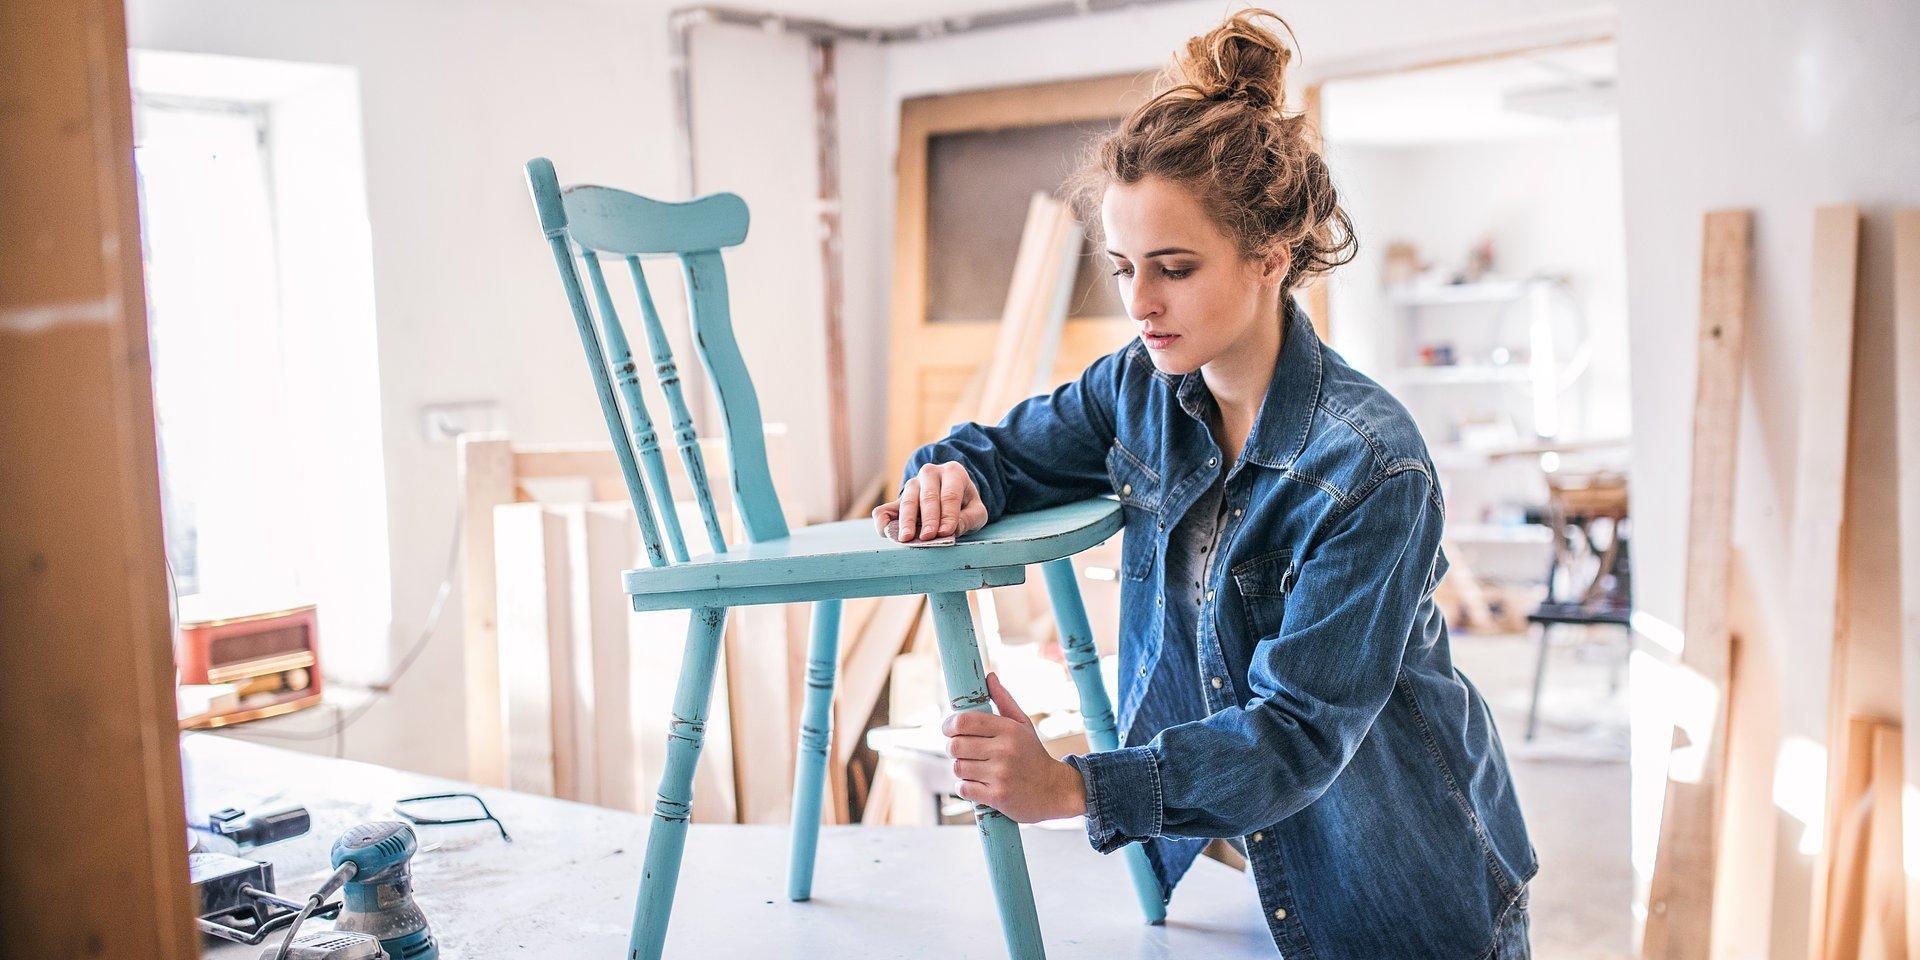 Tapetowanie, malowanie, naprawa mebli? Dziewczyny robią to same